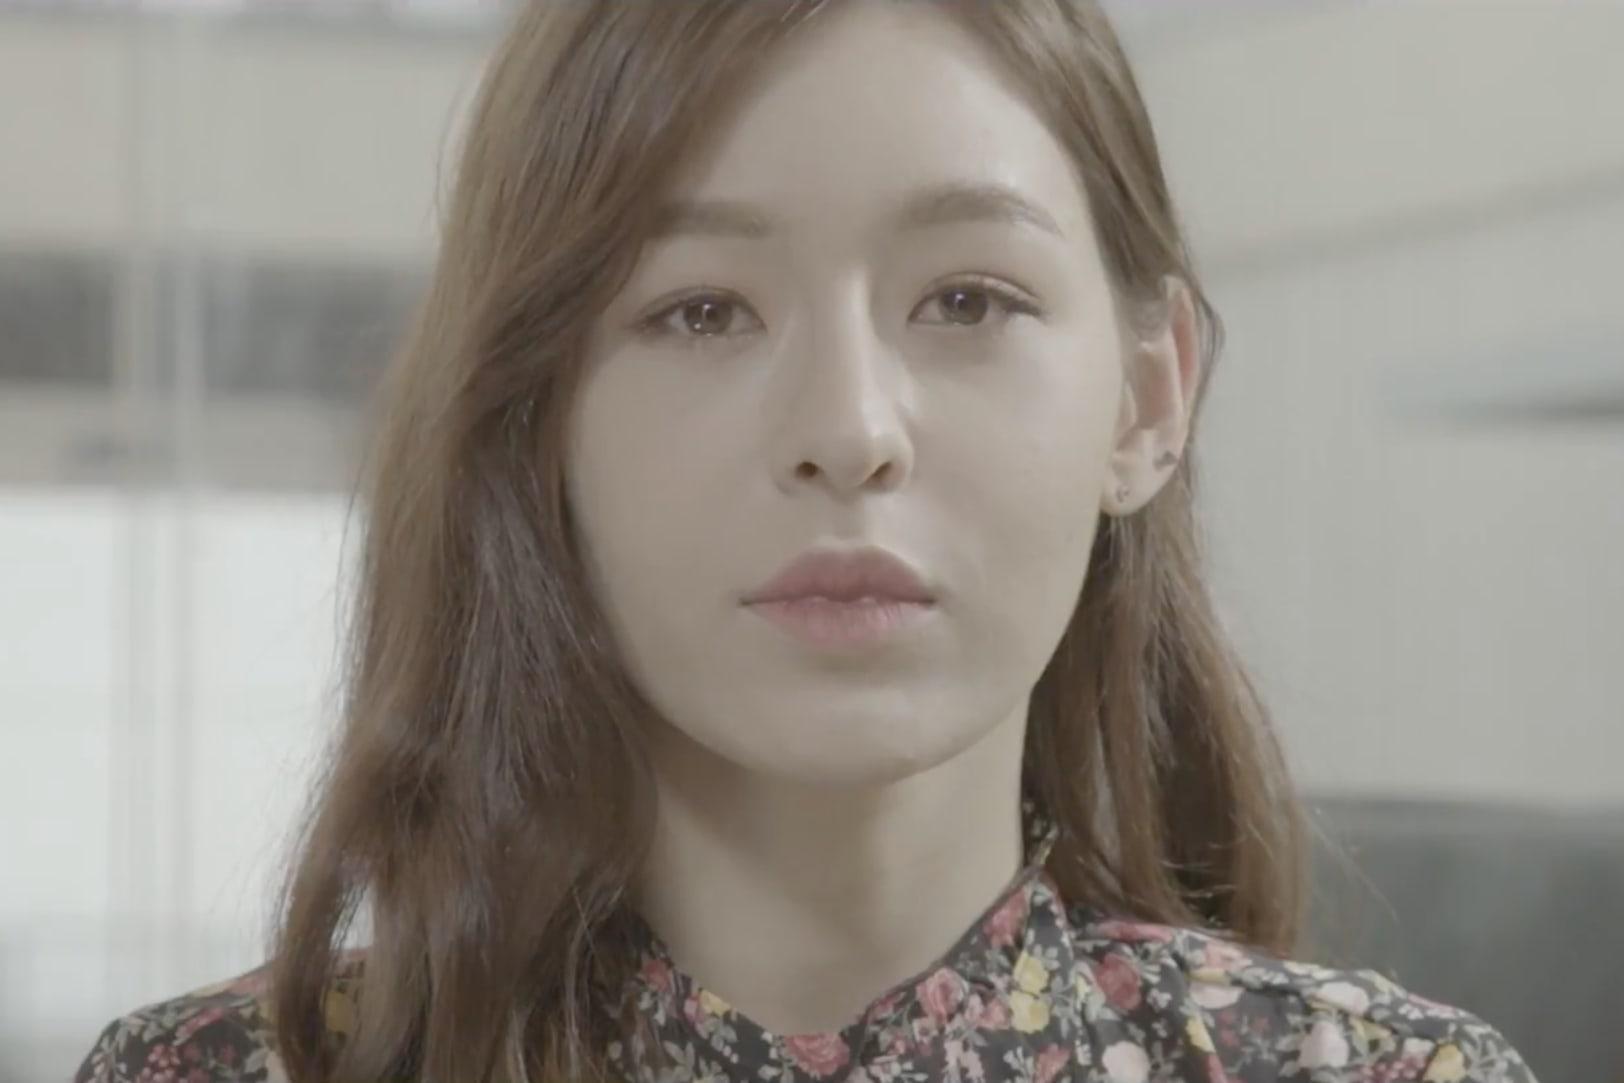 Watch: Former BADKIZ Member Monika Makes Fresh Start With MV For Solo Debut